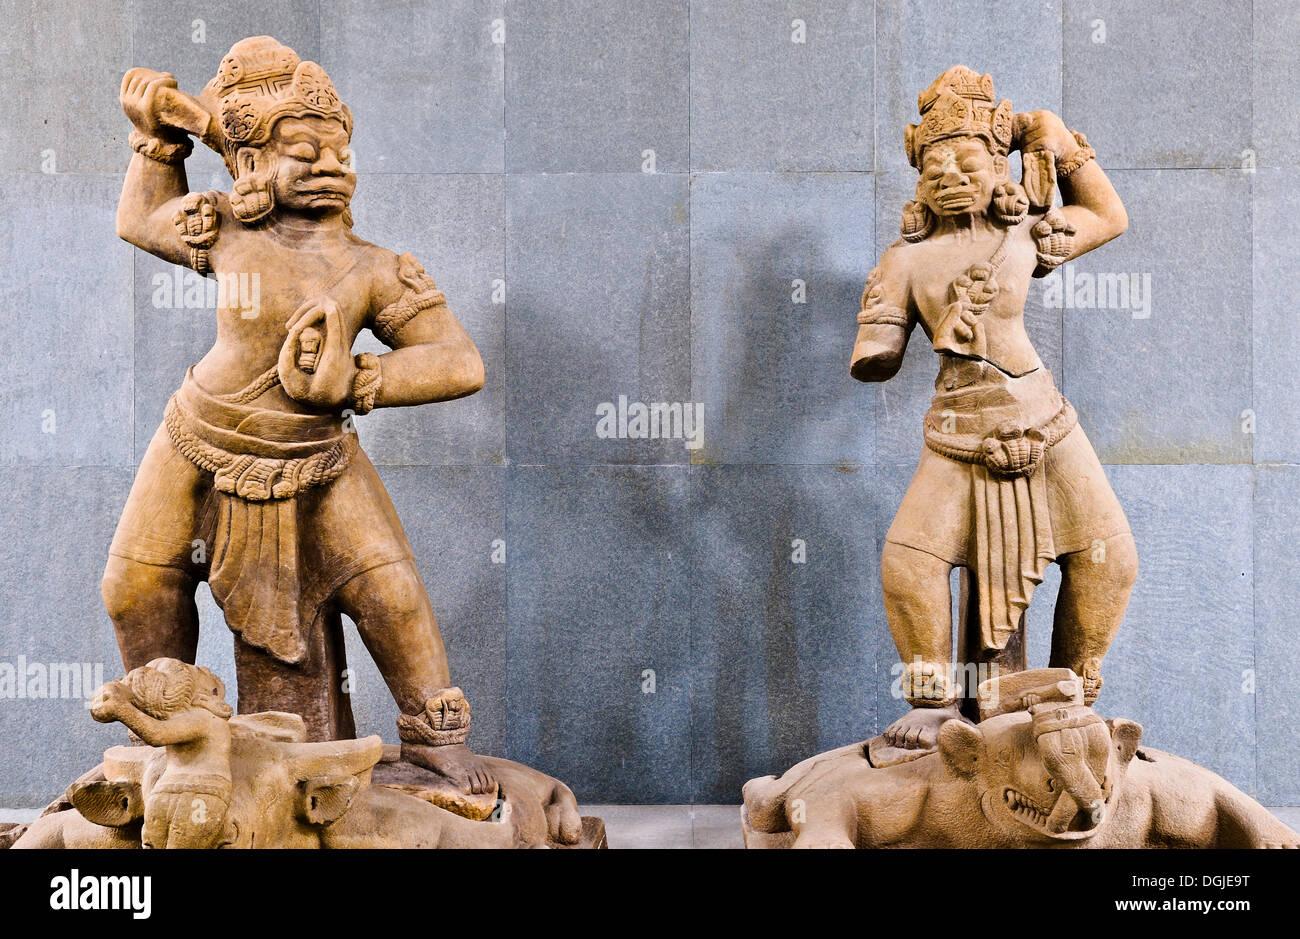 Statue di Dvarapala, semidio che custodisce l'ingresso, Cham Museum, Da Nang, Vietnam, sud-est asiatico Immagini Stock